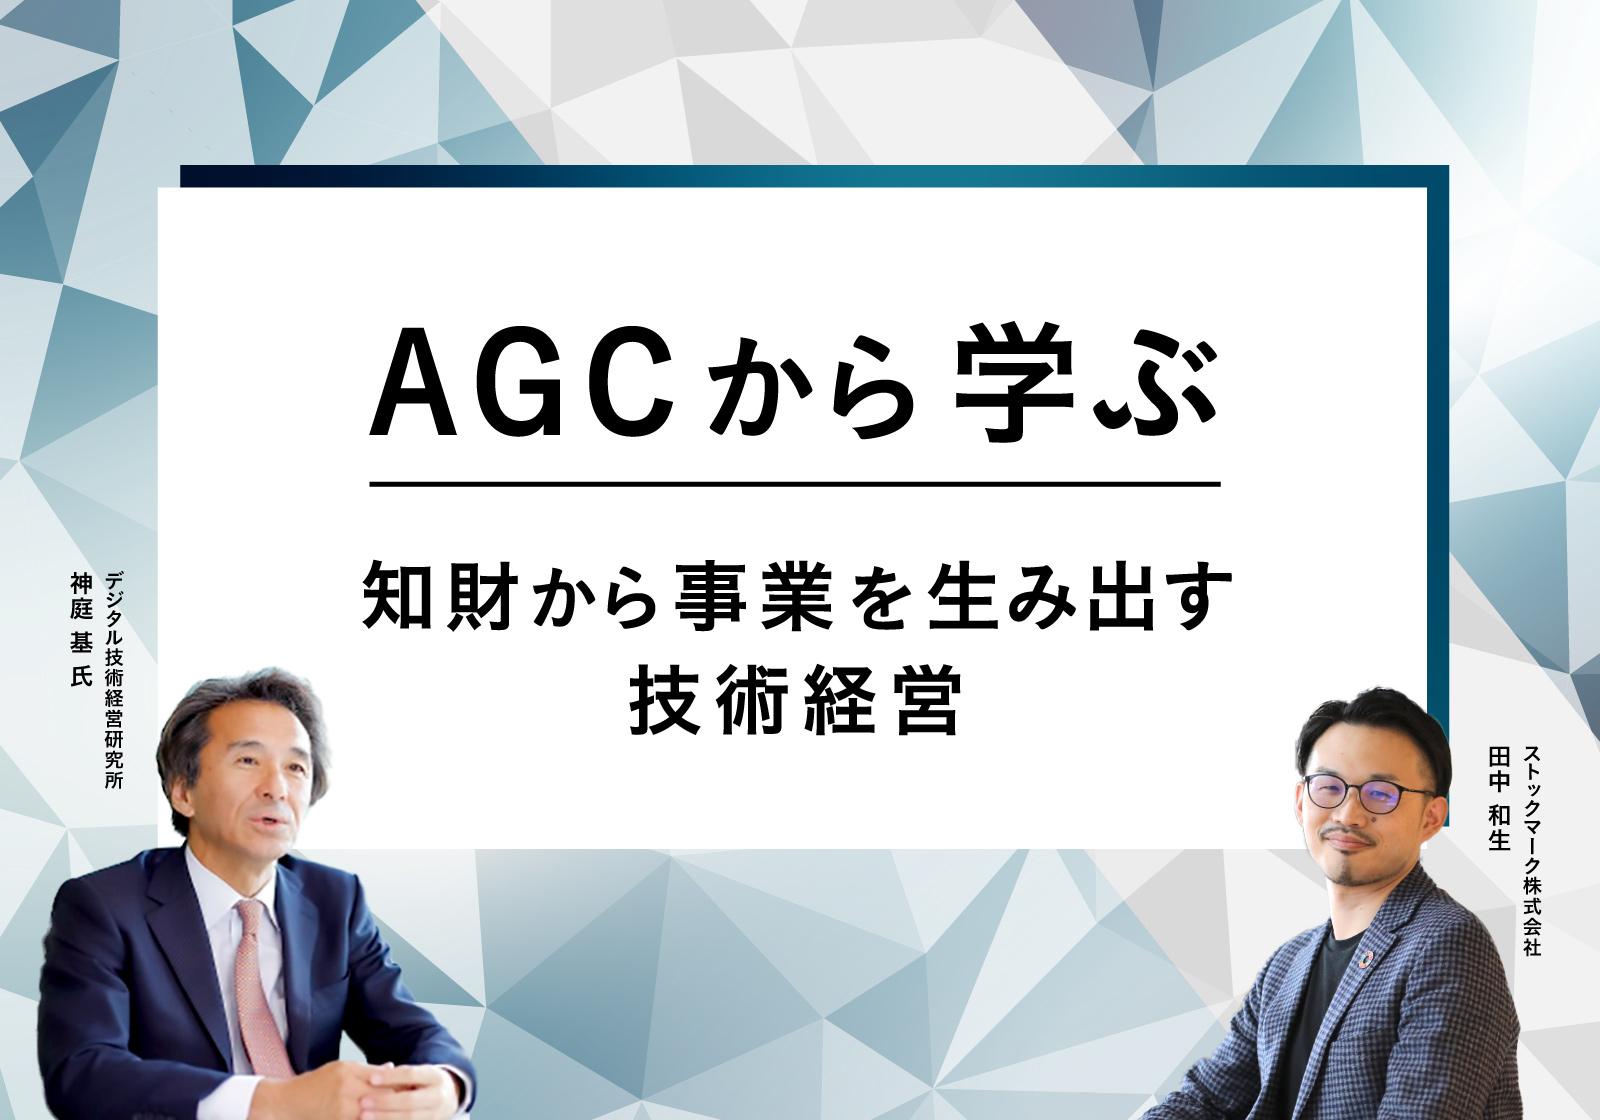 AGCから学ぶ-知財から事業を生み出す技術経営